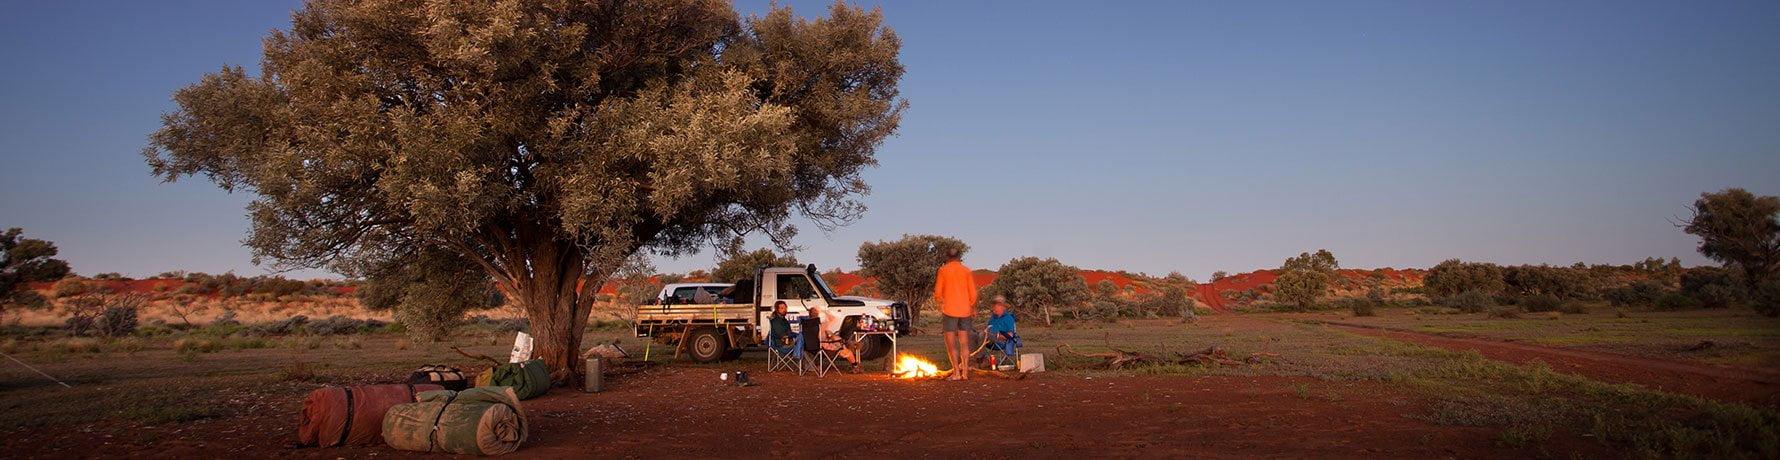 L'outback australiano - un territorio tutto da scoprire